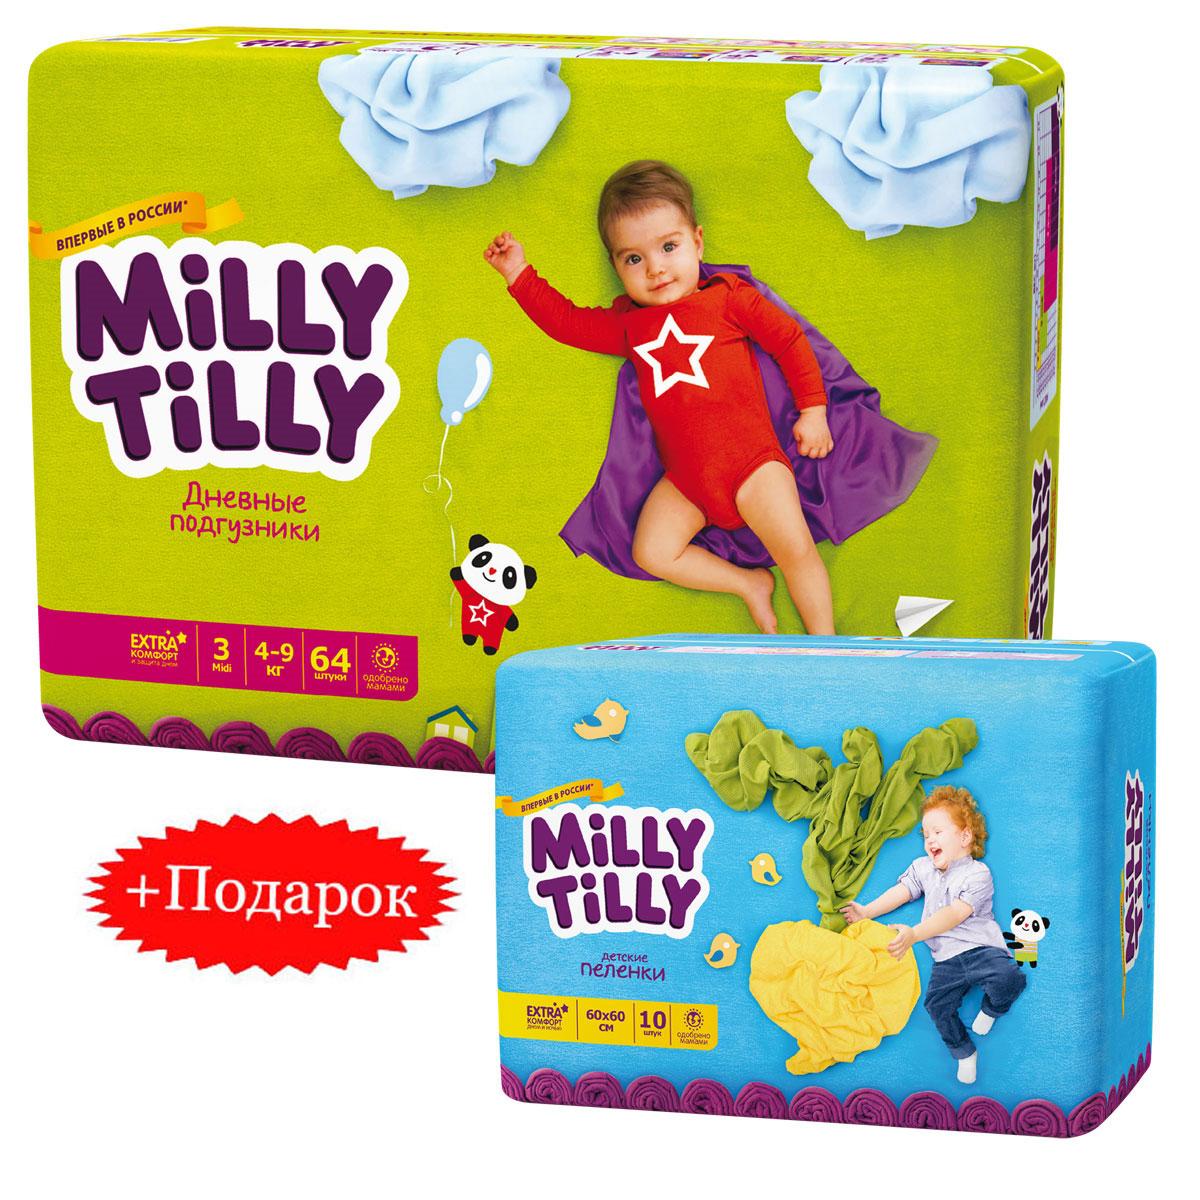 Milly Tilly Подгузники дневные Midi, 4-9 кг, 64 шт + подарок Детские пеленки, 60 х 60 см, 10 шт0104Нежный материал дневного подгузника Milly Tilly в виде сот прилегает к коже и дарит малышу невероятный комфорт. Данная структура верхнего слоя в виде сот позволяет свободно циркулировать воздуху внутри подгузника. Эластичные поясочки надежно фиксируют его, при этом не стесняют движений малыша. Нежные оборочки сделаны из трех мягких резиночек, которые не натирают ножки. Застежки Magic Fix - настолько крепкие, что их можно пристёгивать и отстёгивать много раз для лучшей фиксации. Система Liquid Security позволяет равномерно распределять влагу, без комочков. Кожа малыша надолго остаётся сухой и нежной. Цифры на пояске помогут симметрично застегнуть подгузник. На каждом подгузнике смешной герой развеселит малыша и поднимет настроение маме. В приложении к подгузникам прилагается подарок - детские пеленки, с нежным материалом и приятным дизайном защитной пленки, которые отлично впитывают и защищают от протекания.В упаковке 10 пеленок, размером 60 х 60 см. Проверено...